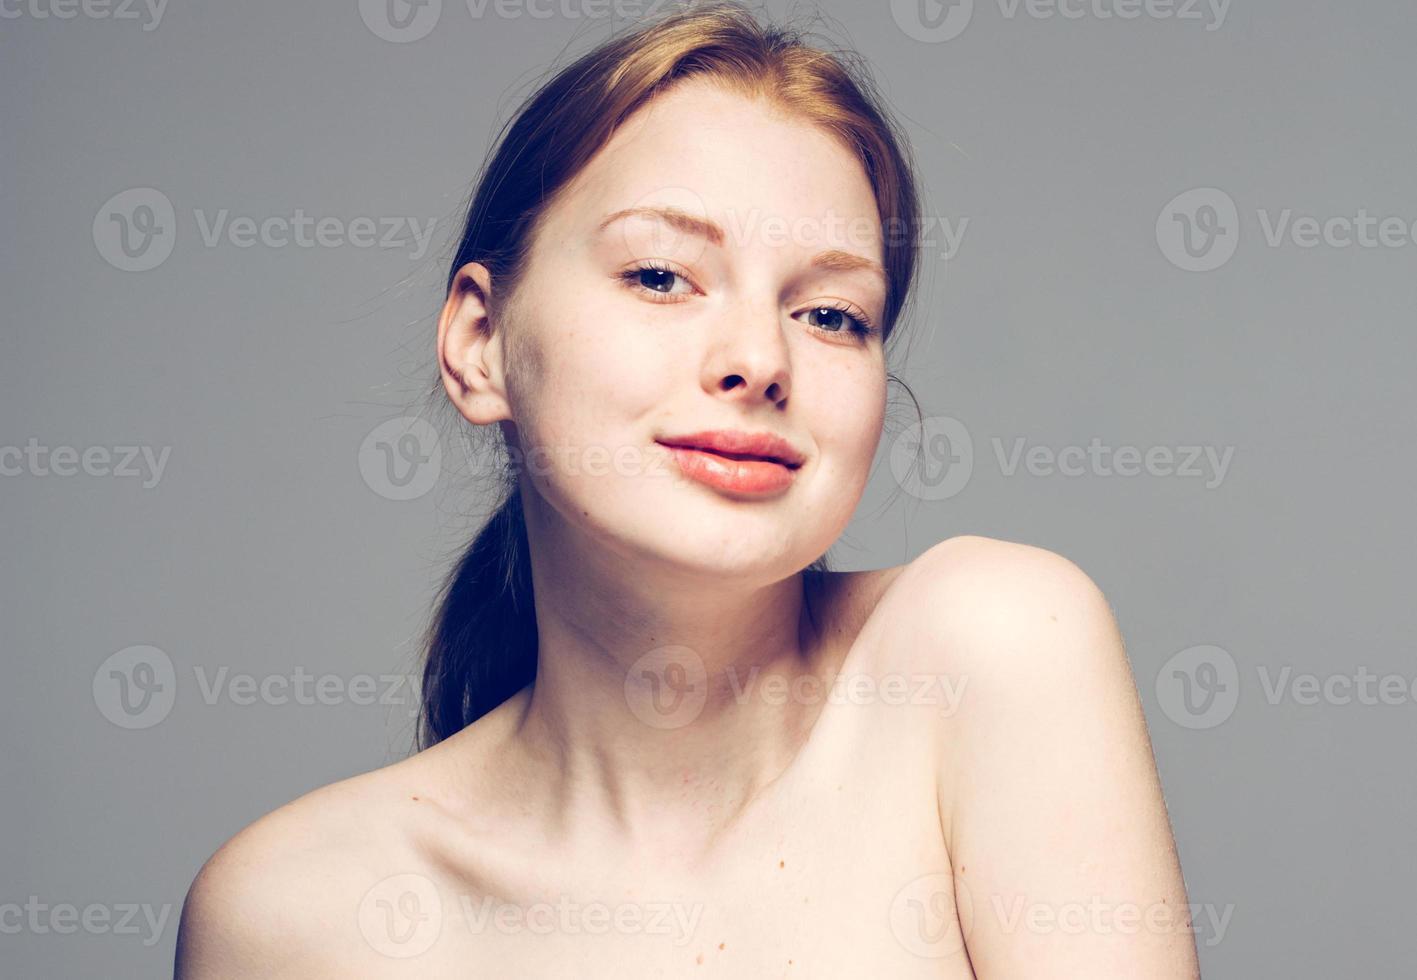 retrato de rosto de mulher bonita jovem em fundo cinza foto